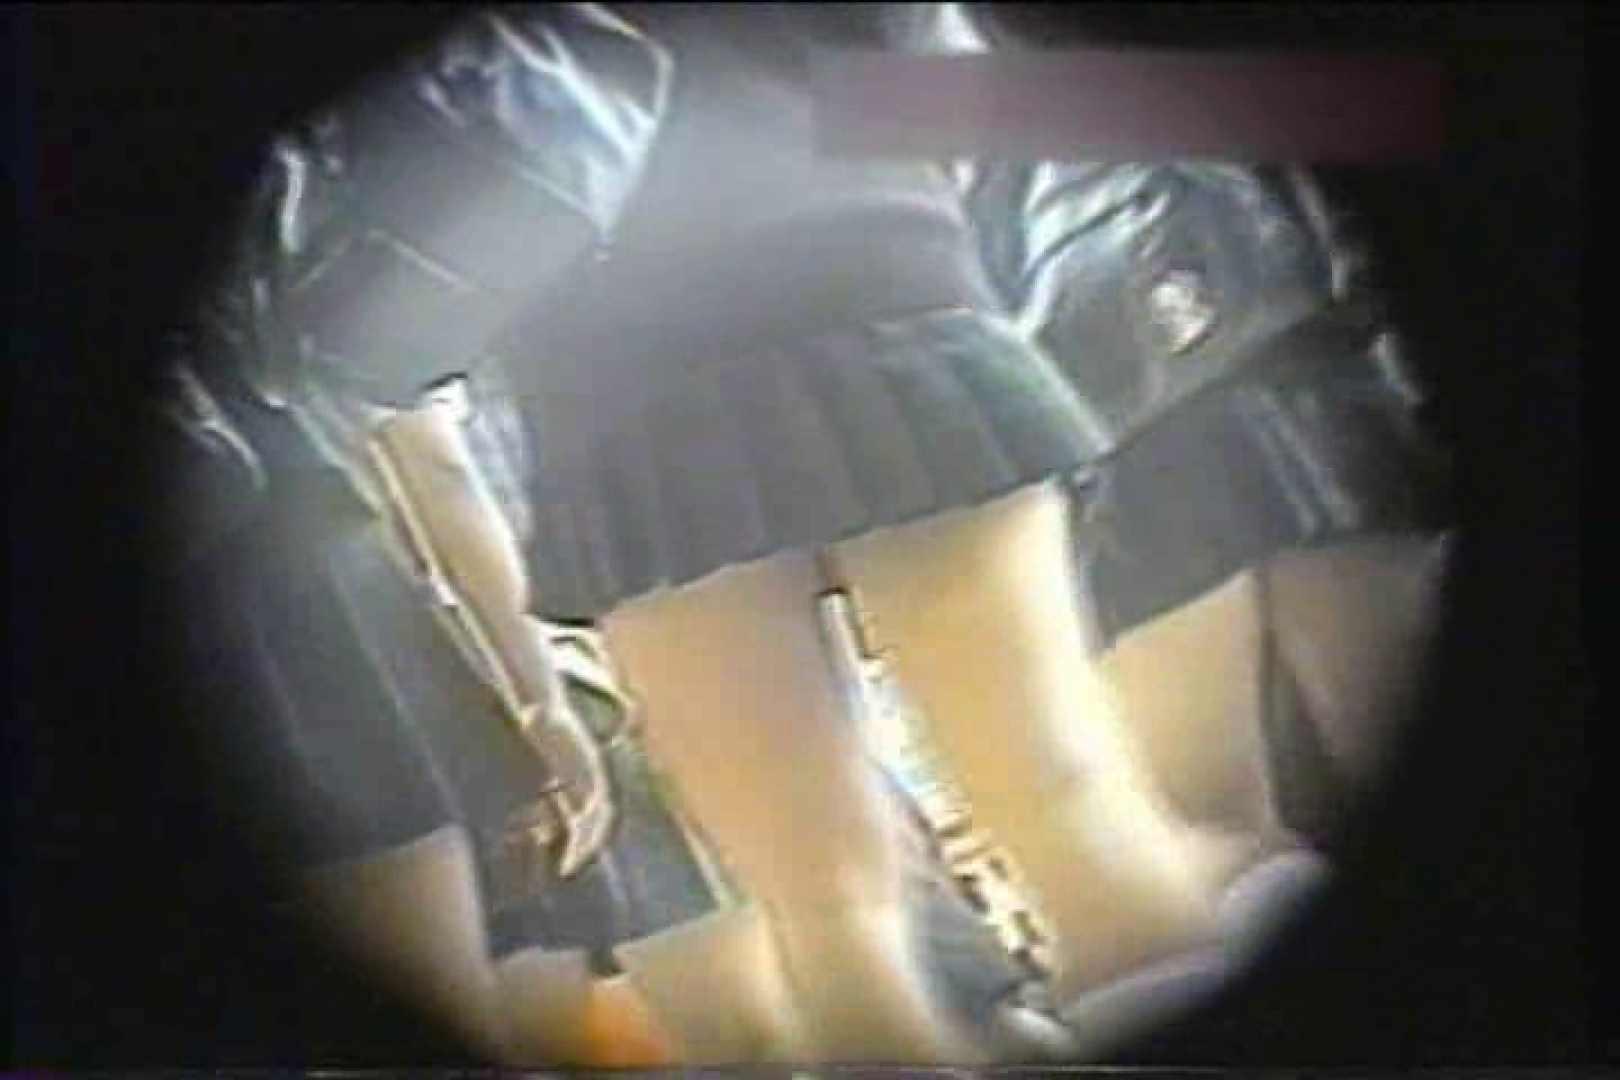 追跡撮!!ヤングギャルのシークレットゾーン♪vol.1 OLのエロ生活   ギャルのエロ生活  41連発 10